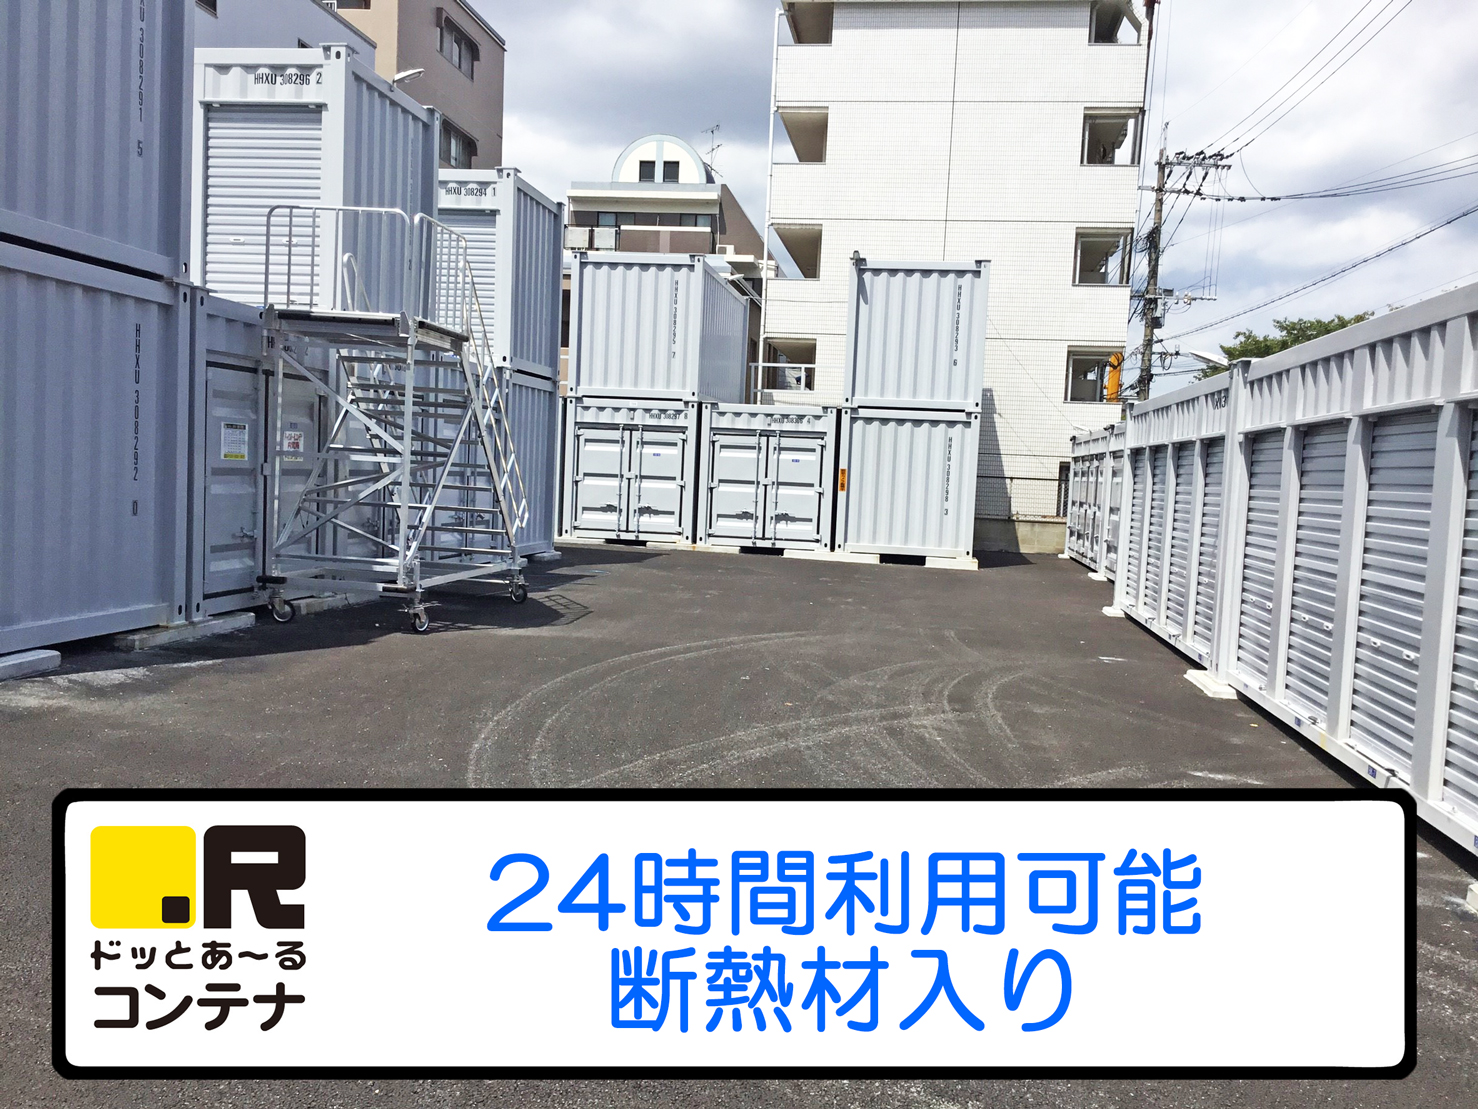 大橋外観5